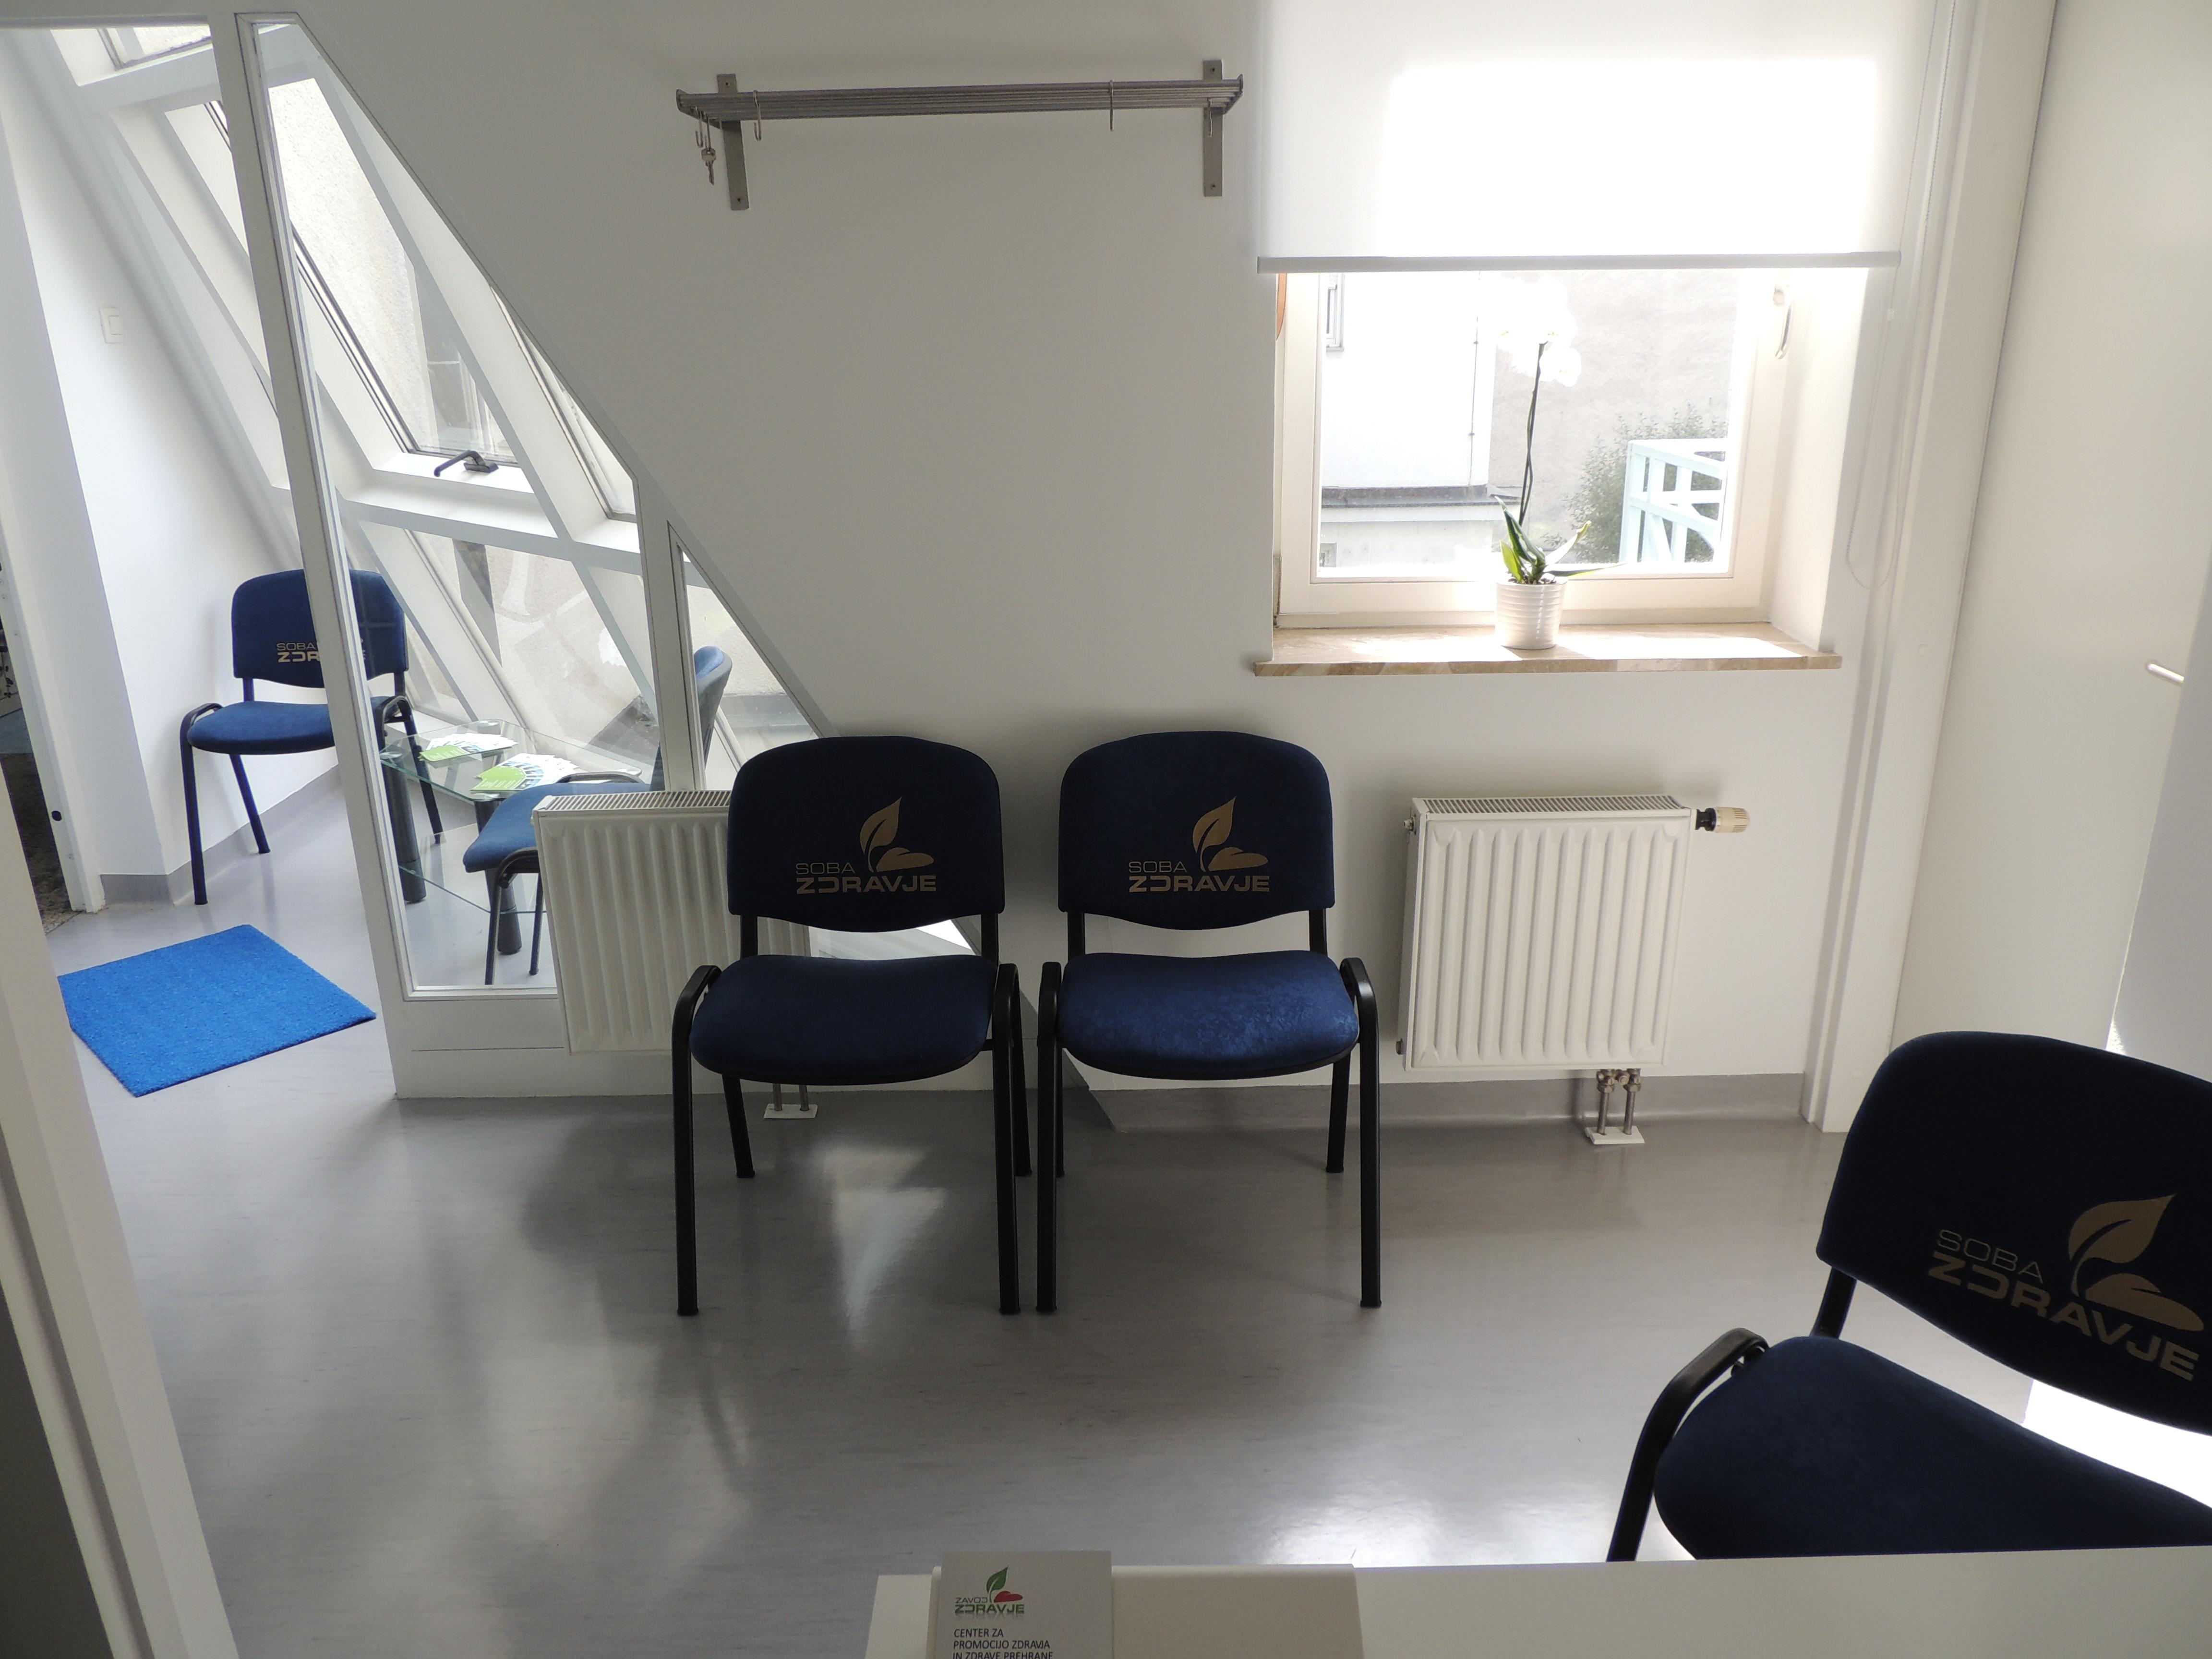 Prostori v ordinaciji v Mariboru